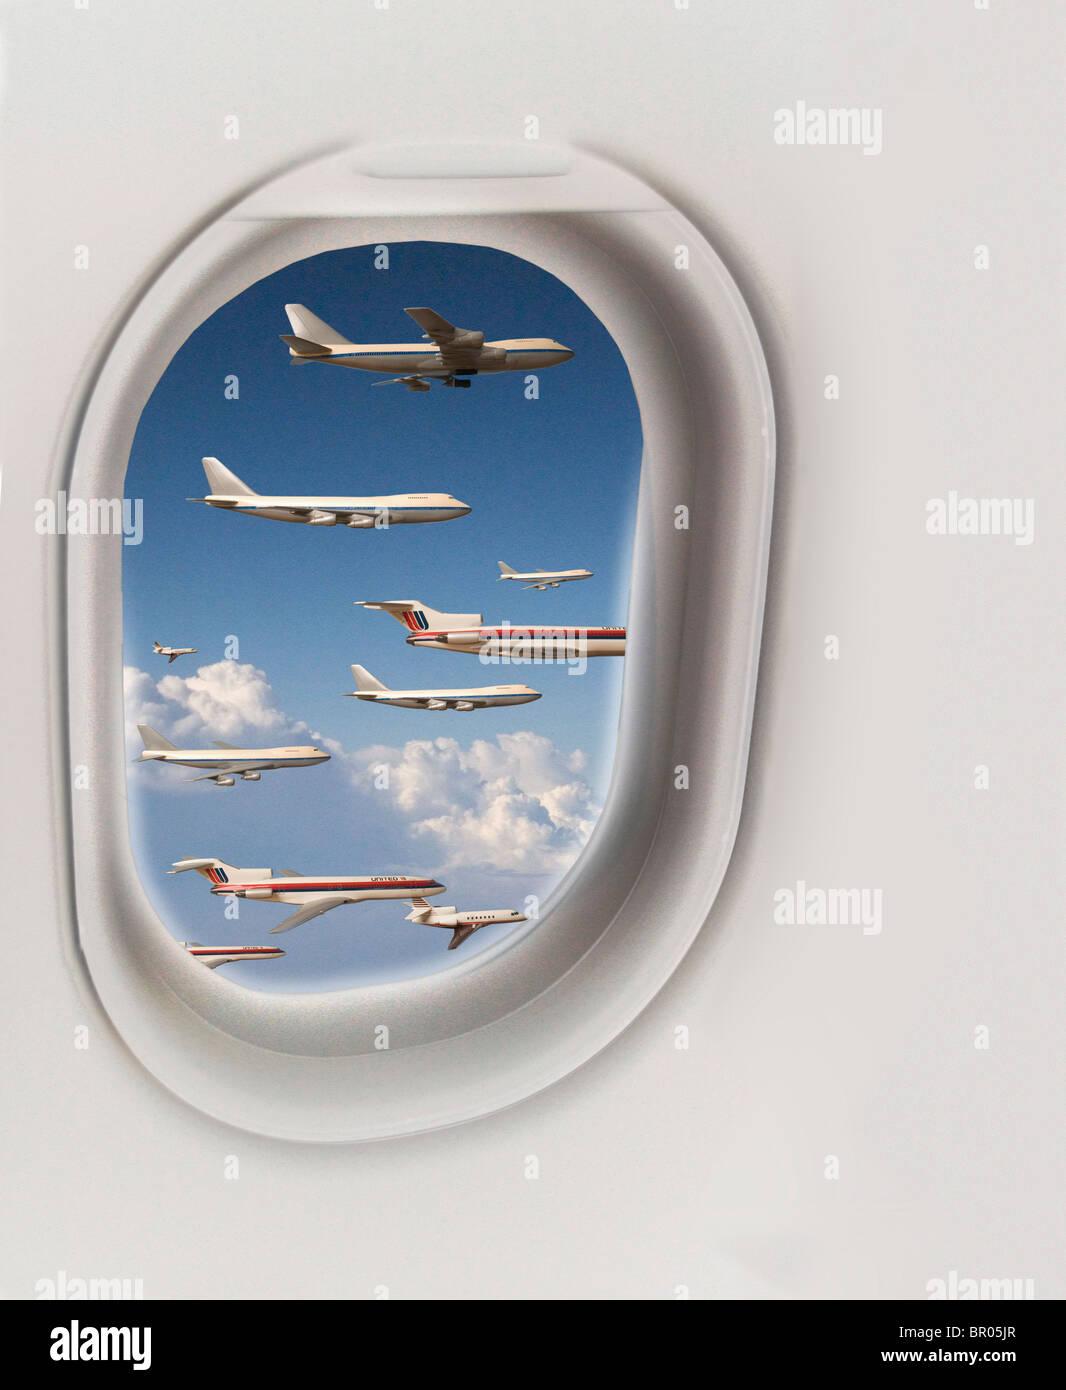 Viele Flugzeuge gesehen außerhalb Kabinenfenster Stockbild